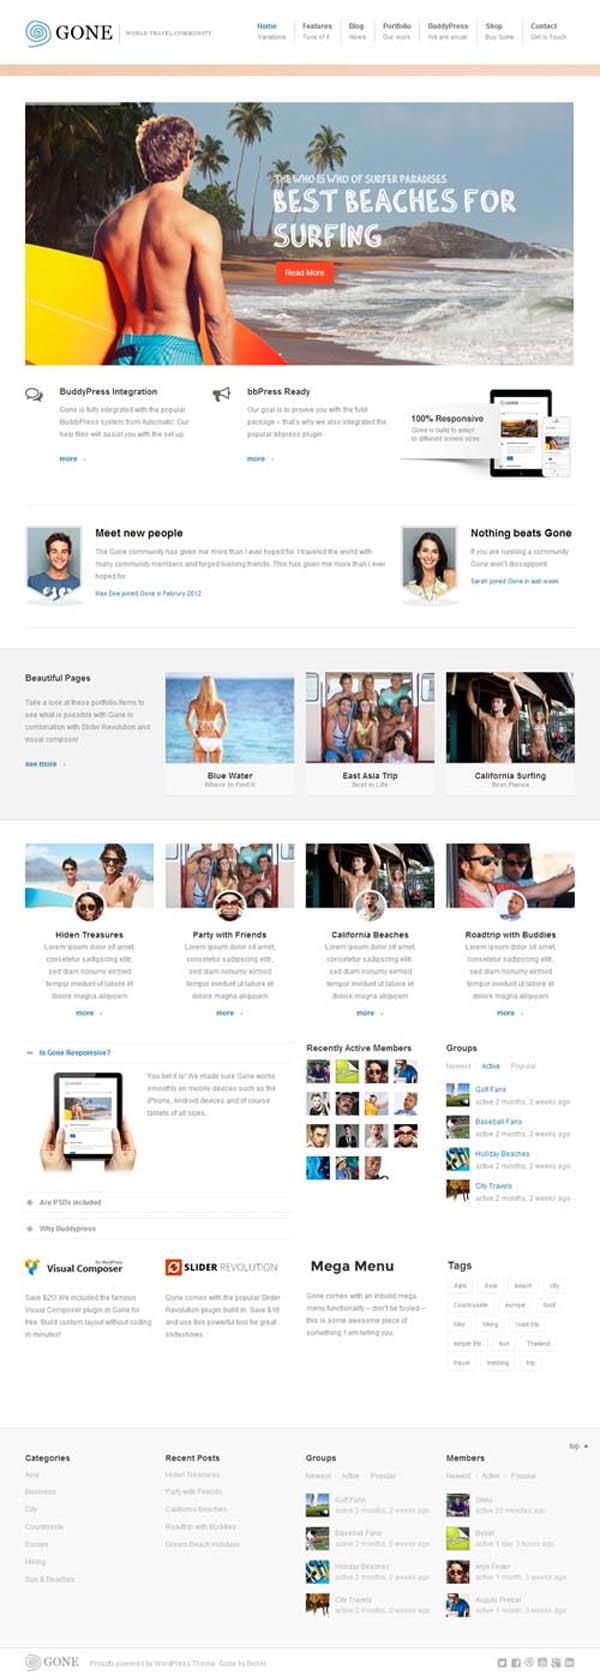 Gone – BuddyPress & WordPress Theme